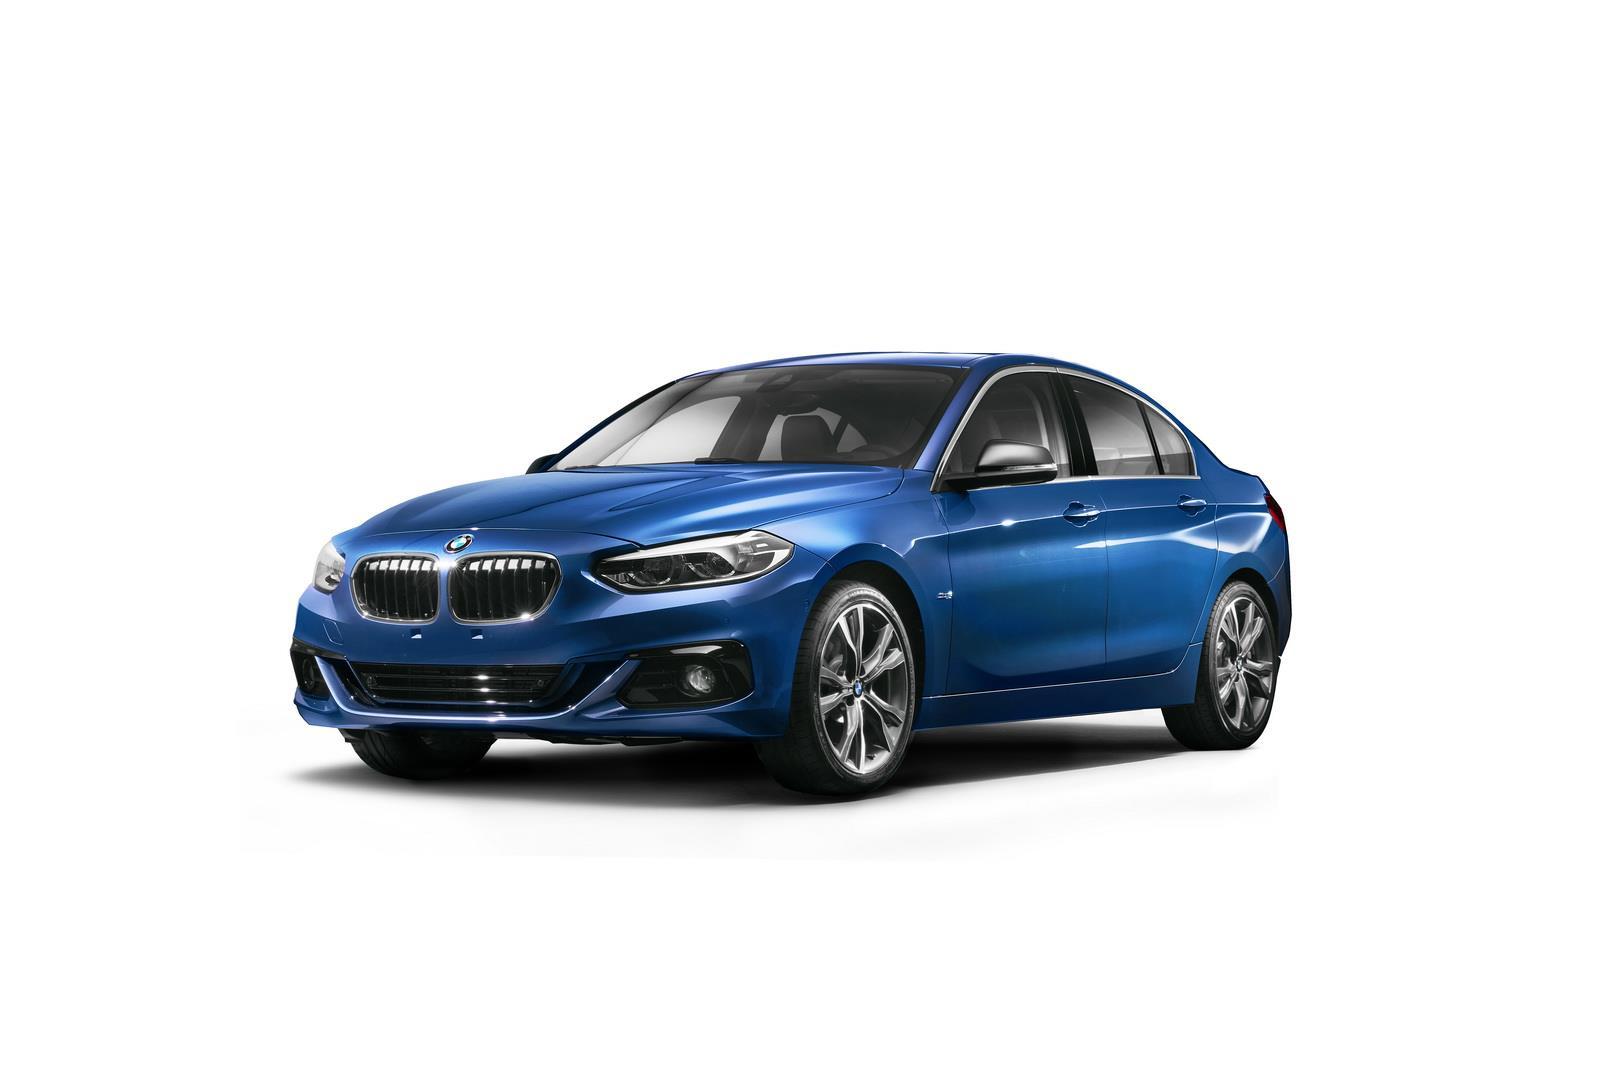 BMW 1-series sedan image gallery